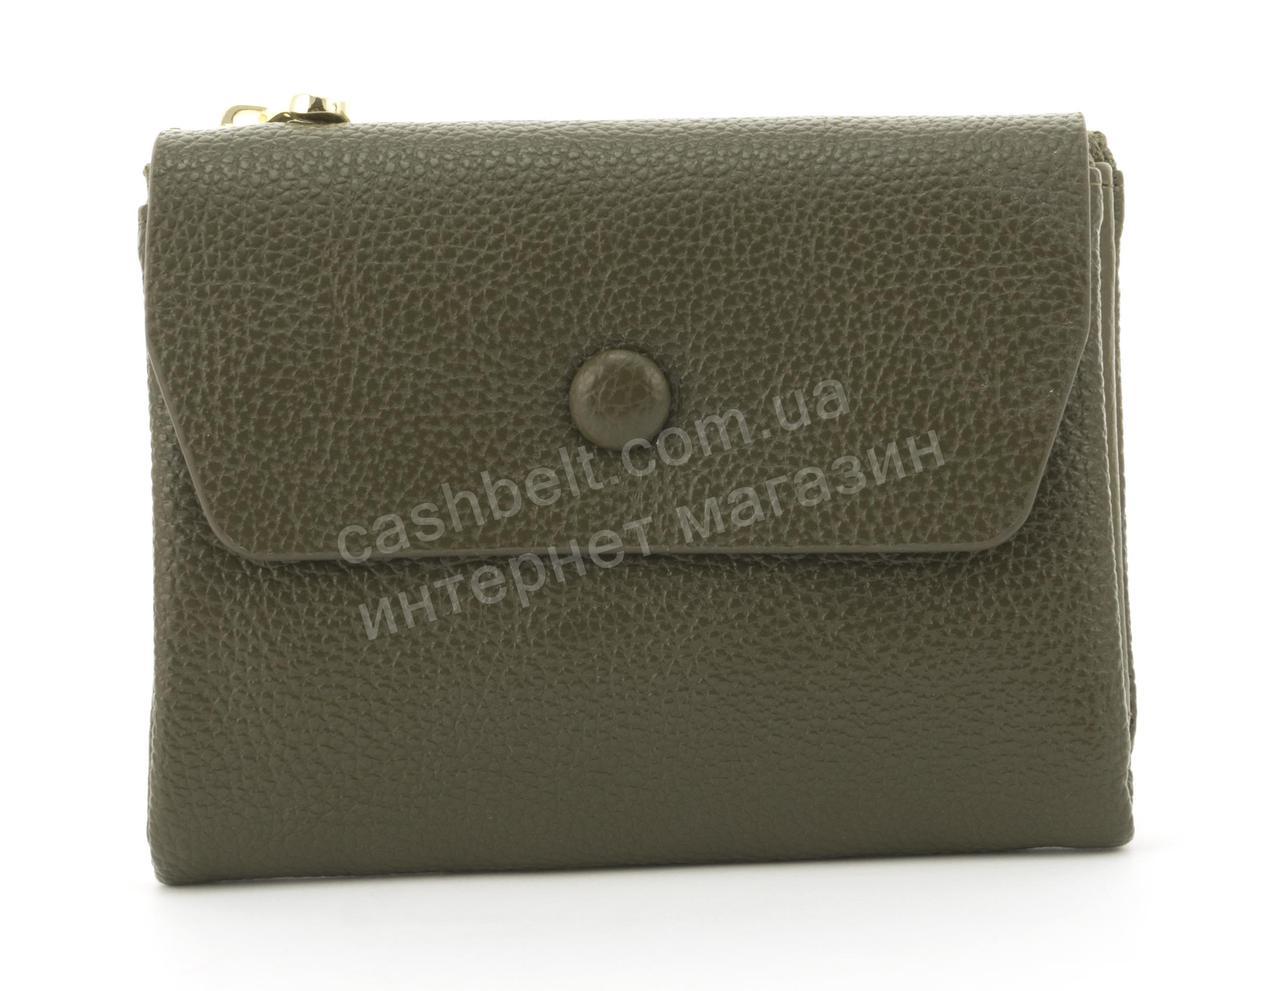 Женский удобный многофункциональный прочный вместительный кошелек SARALYN art.C-7980 зеленый